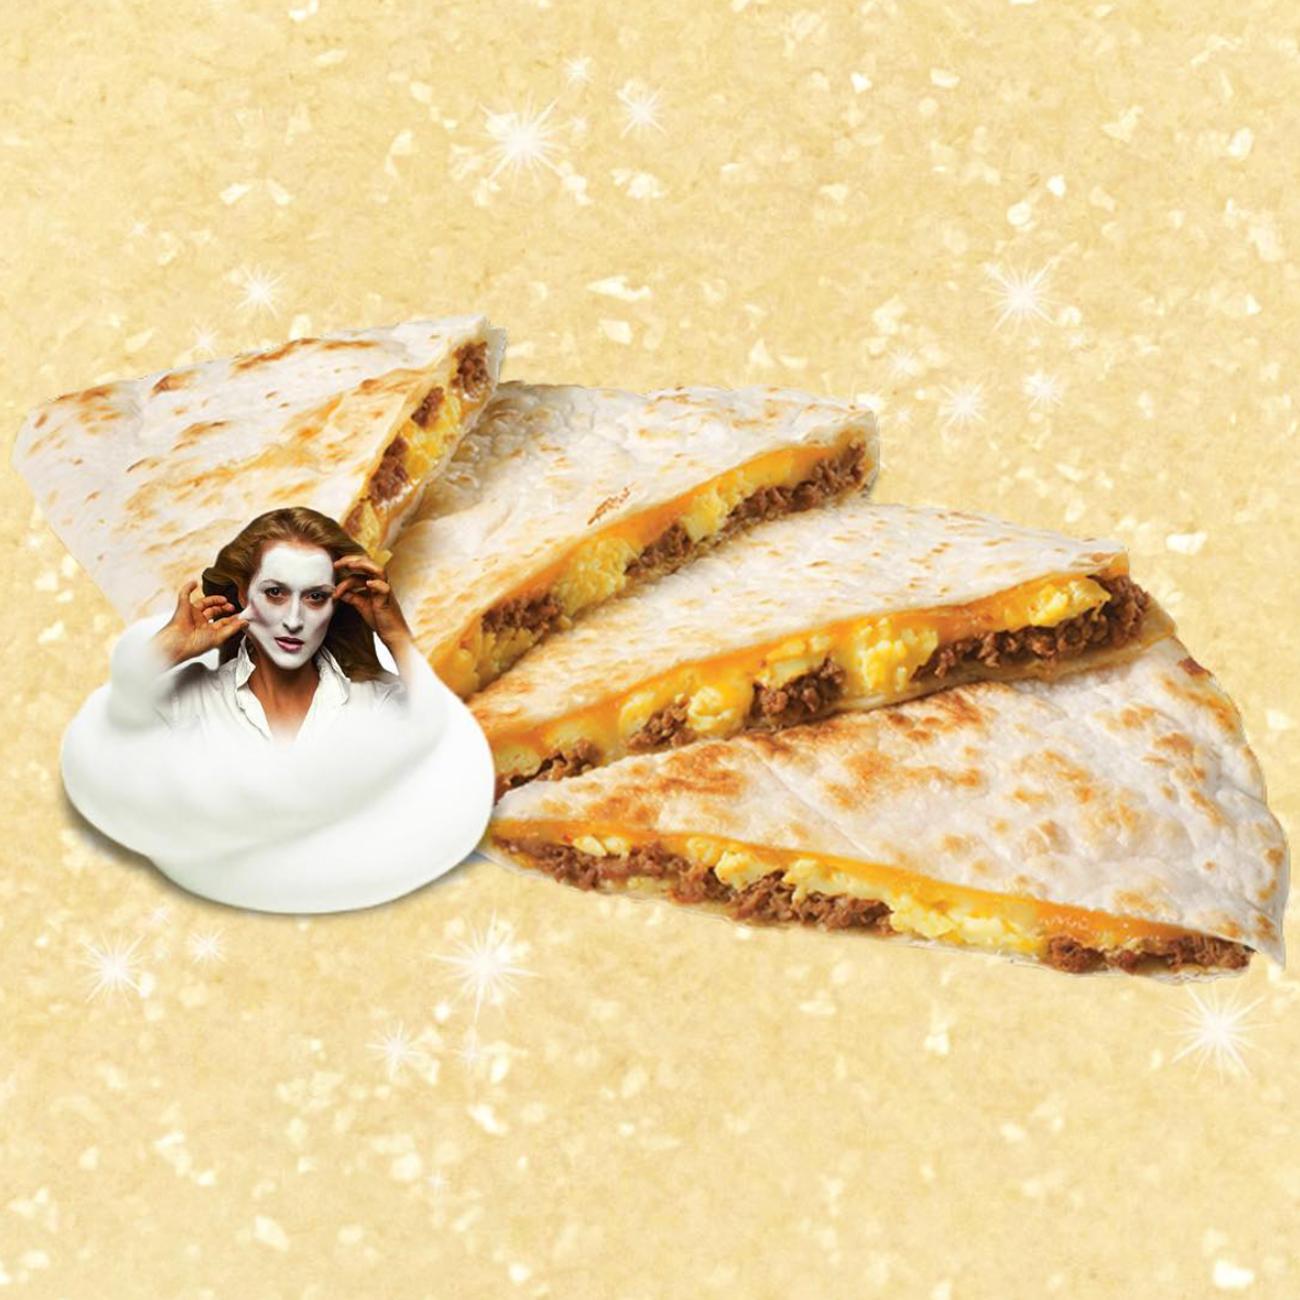 taste of streep quesadilla